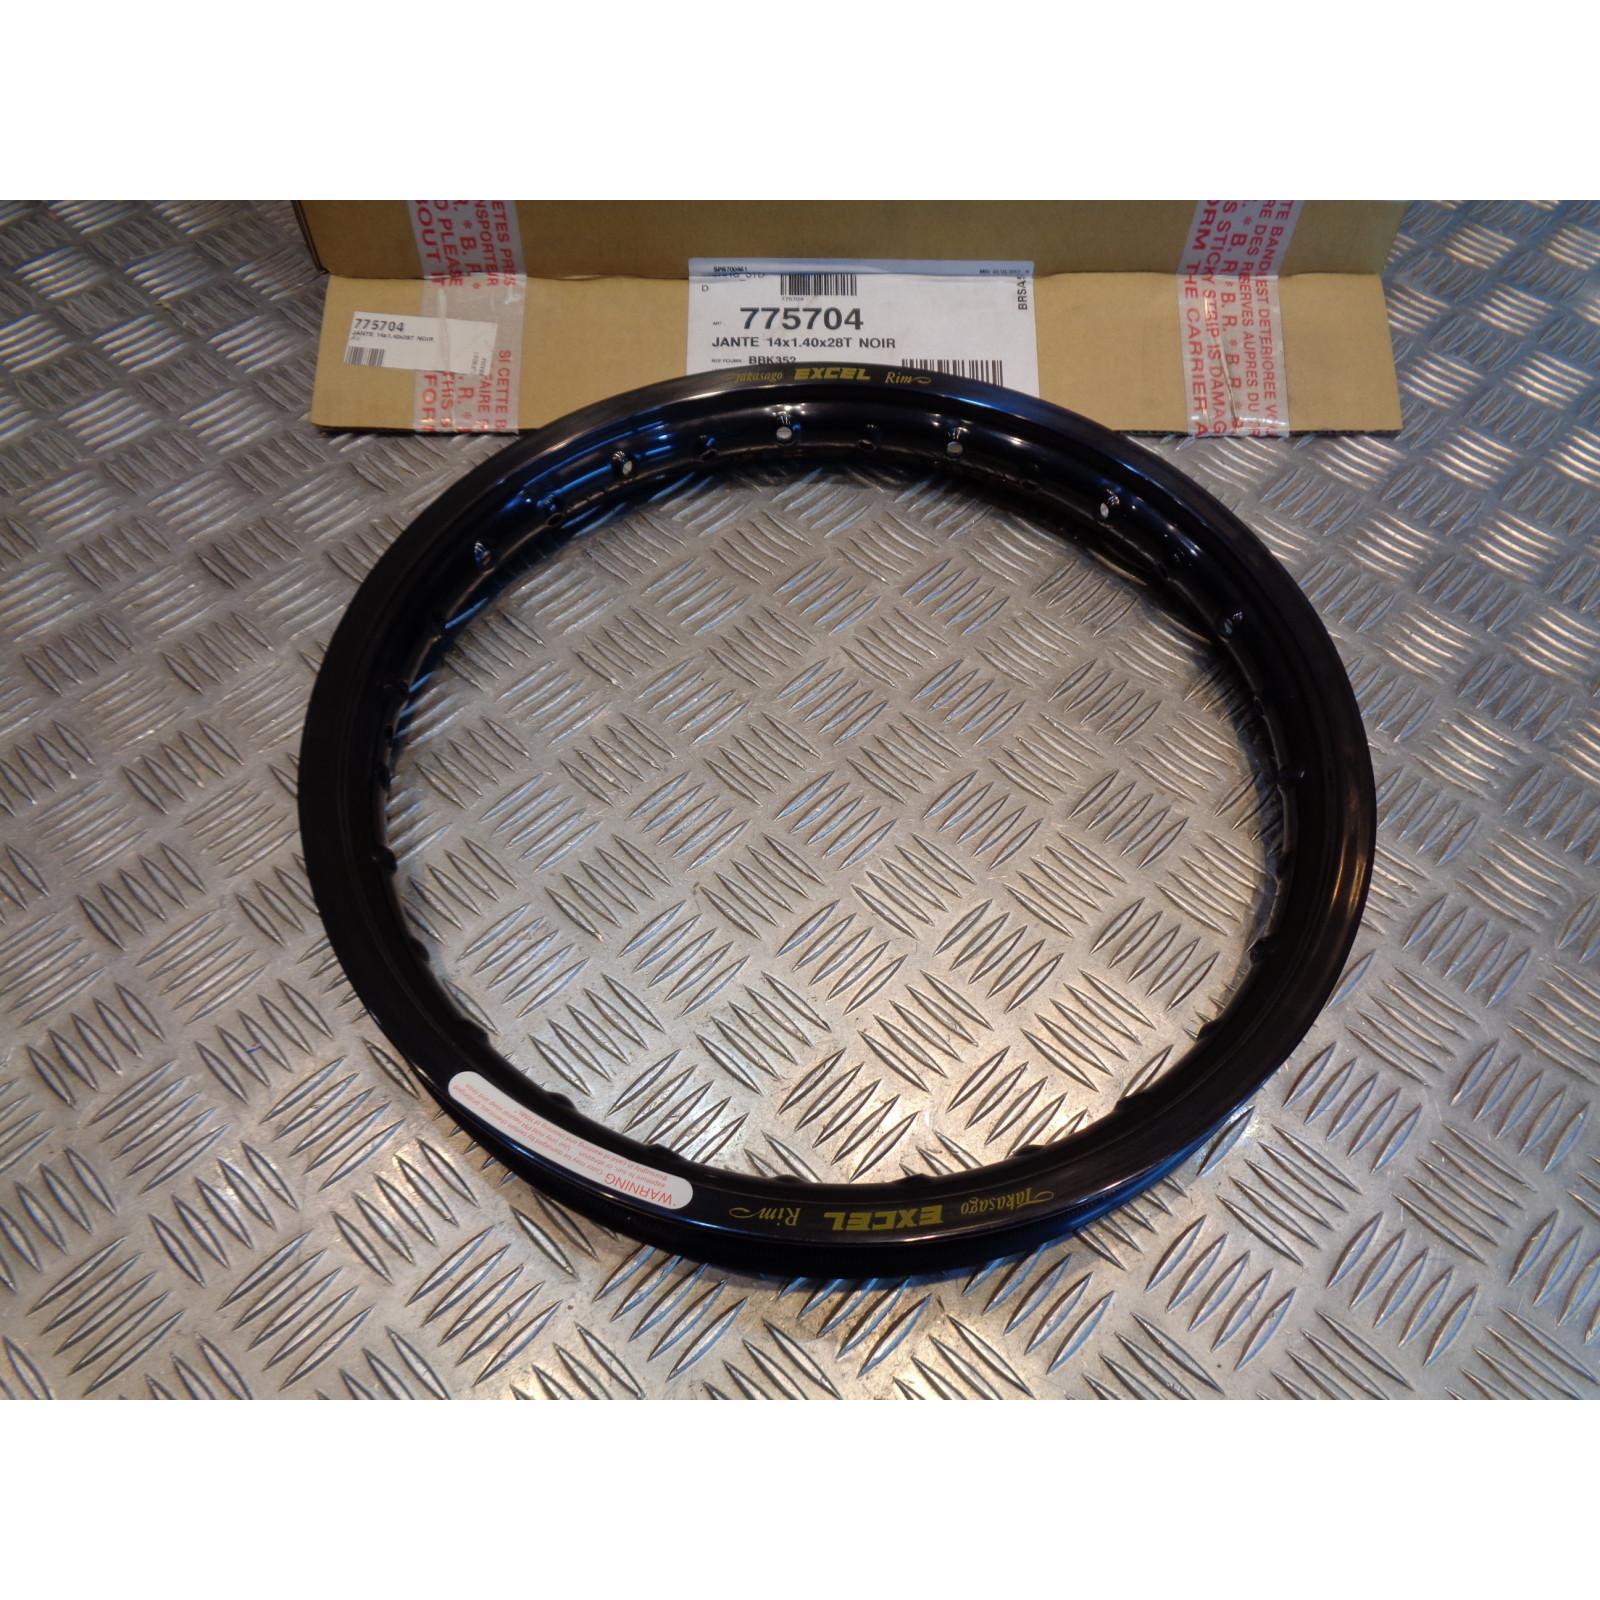 cerclage jante excel noir avant 14 x 1.40 x 28 T moto suzuki 65 rm kawasaki 65 kx BBK352 bihr 775704